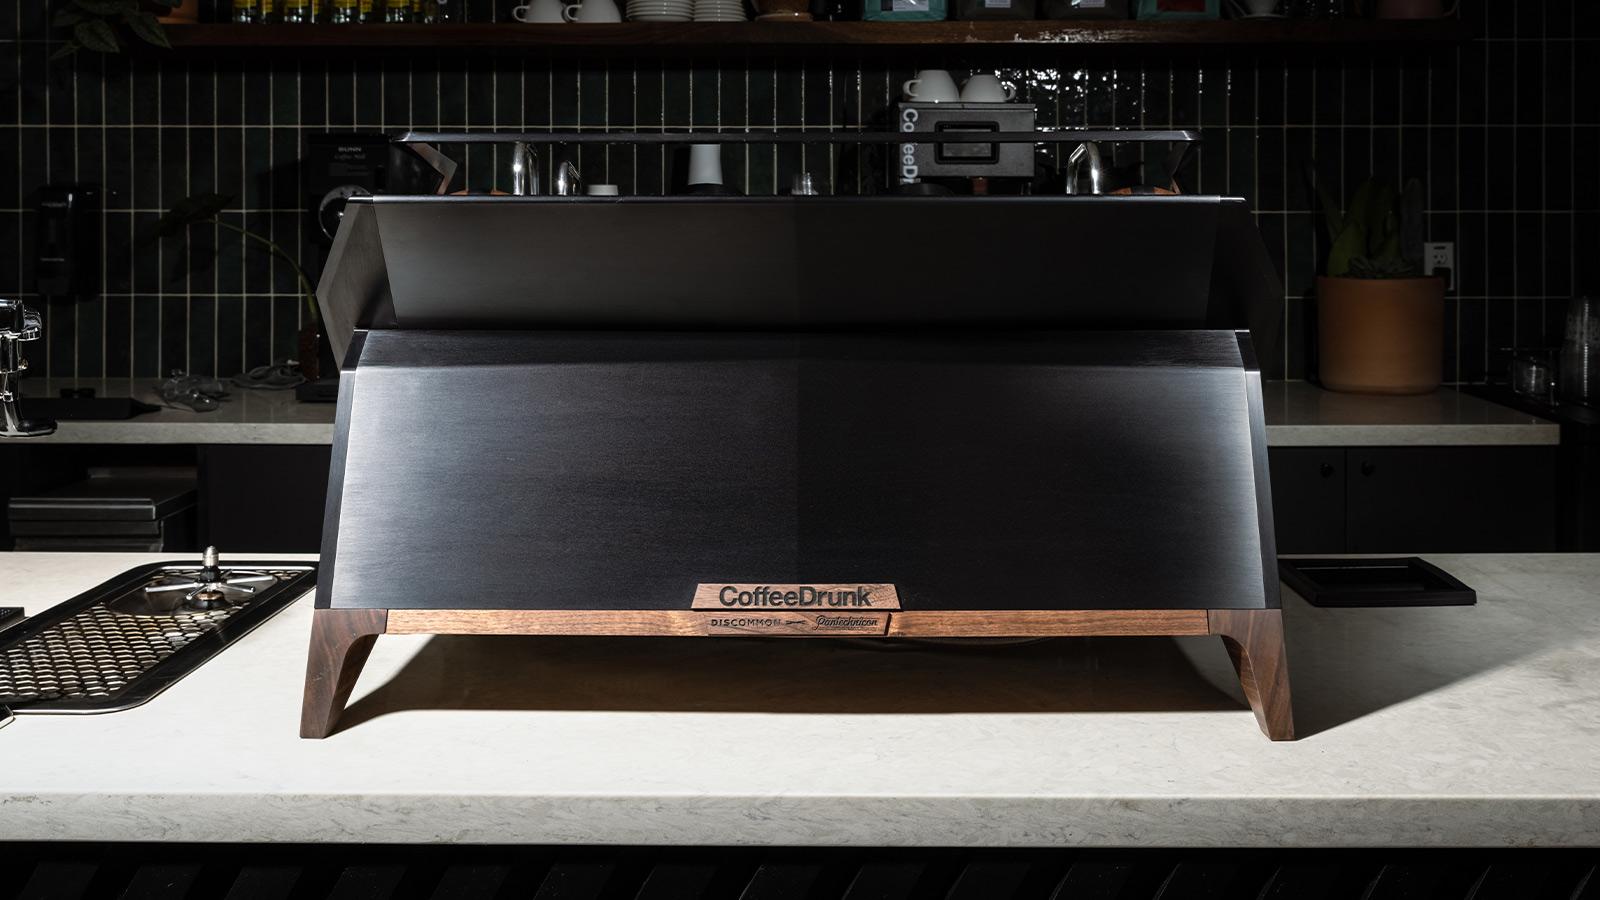 DISCOMMON x Pantechnicon La Marzocco Espresso Machine